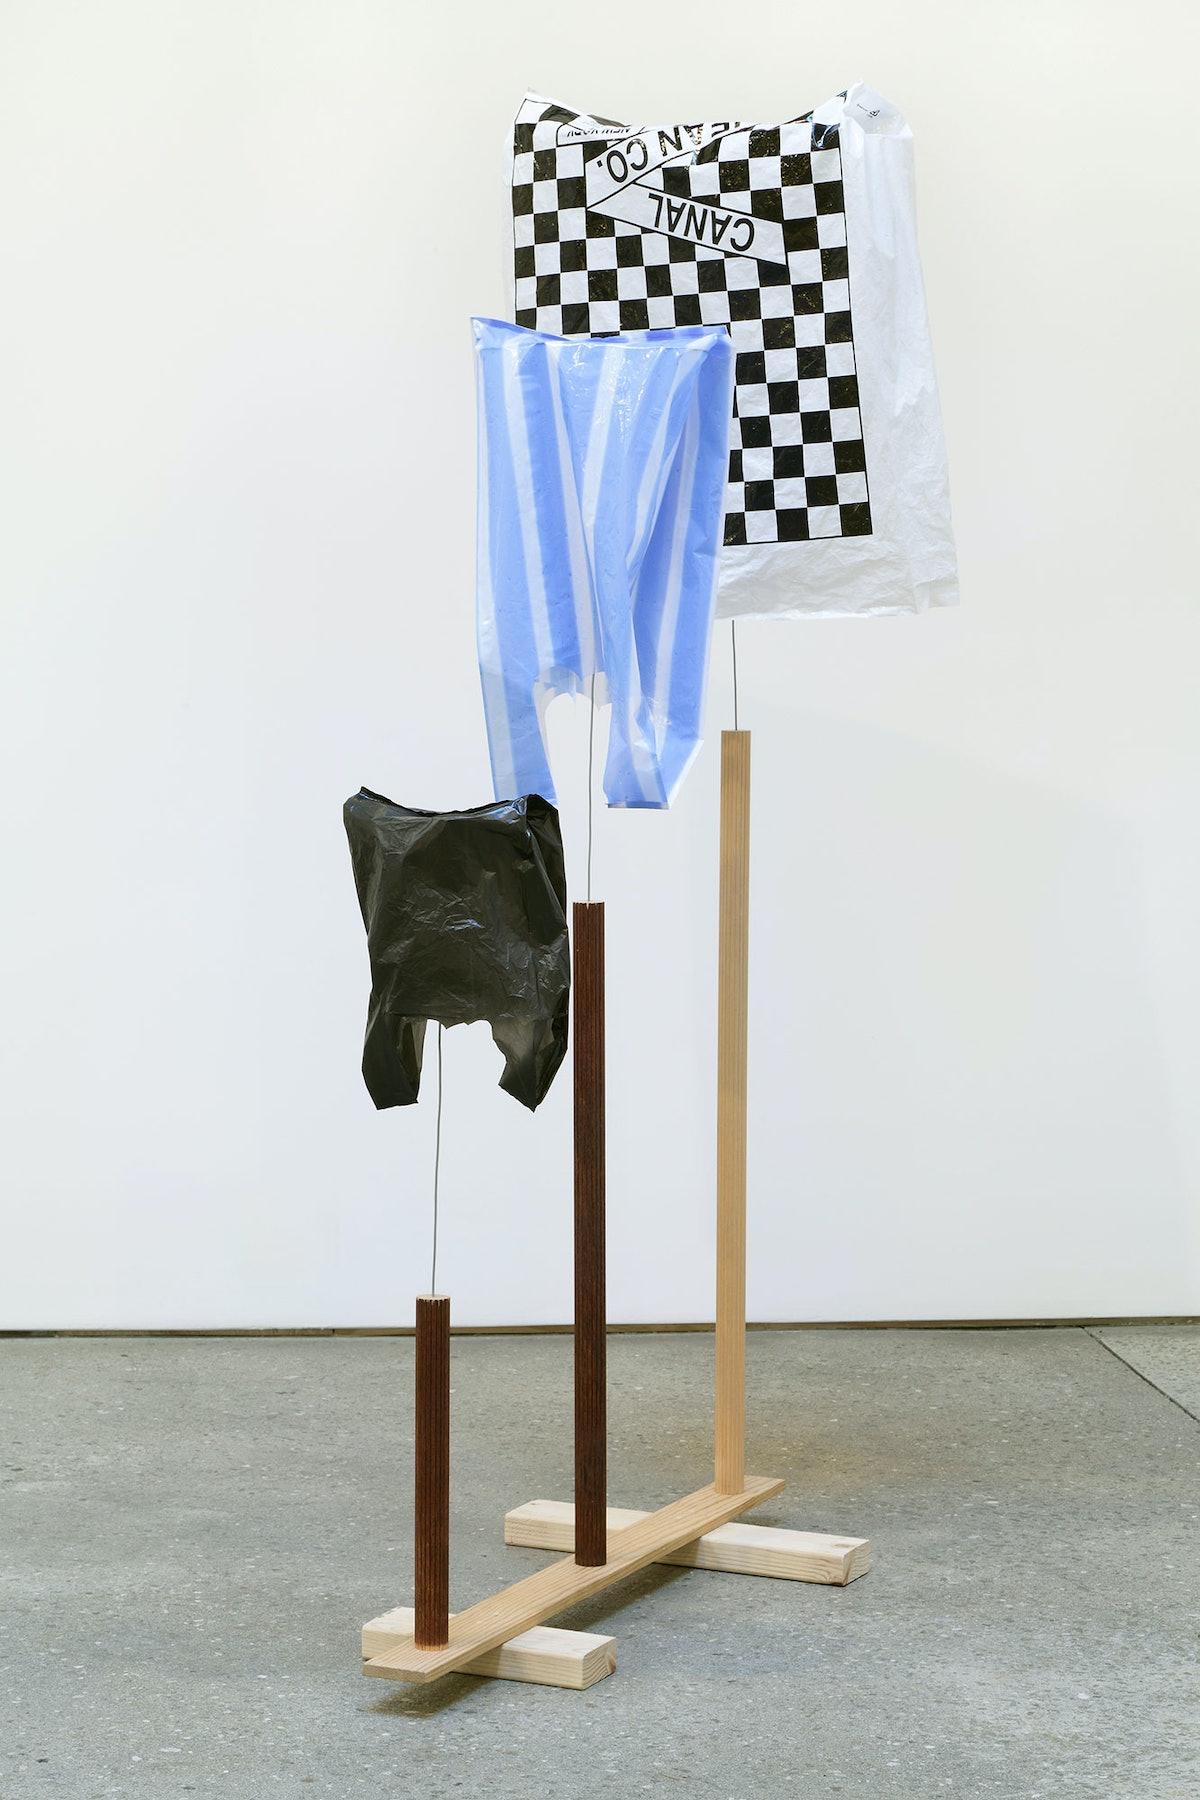 Untitled, 1993 by B Wurtz